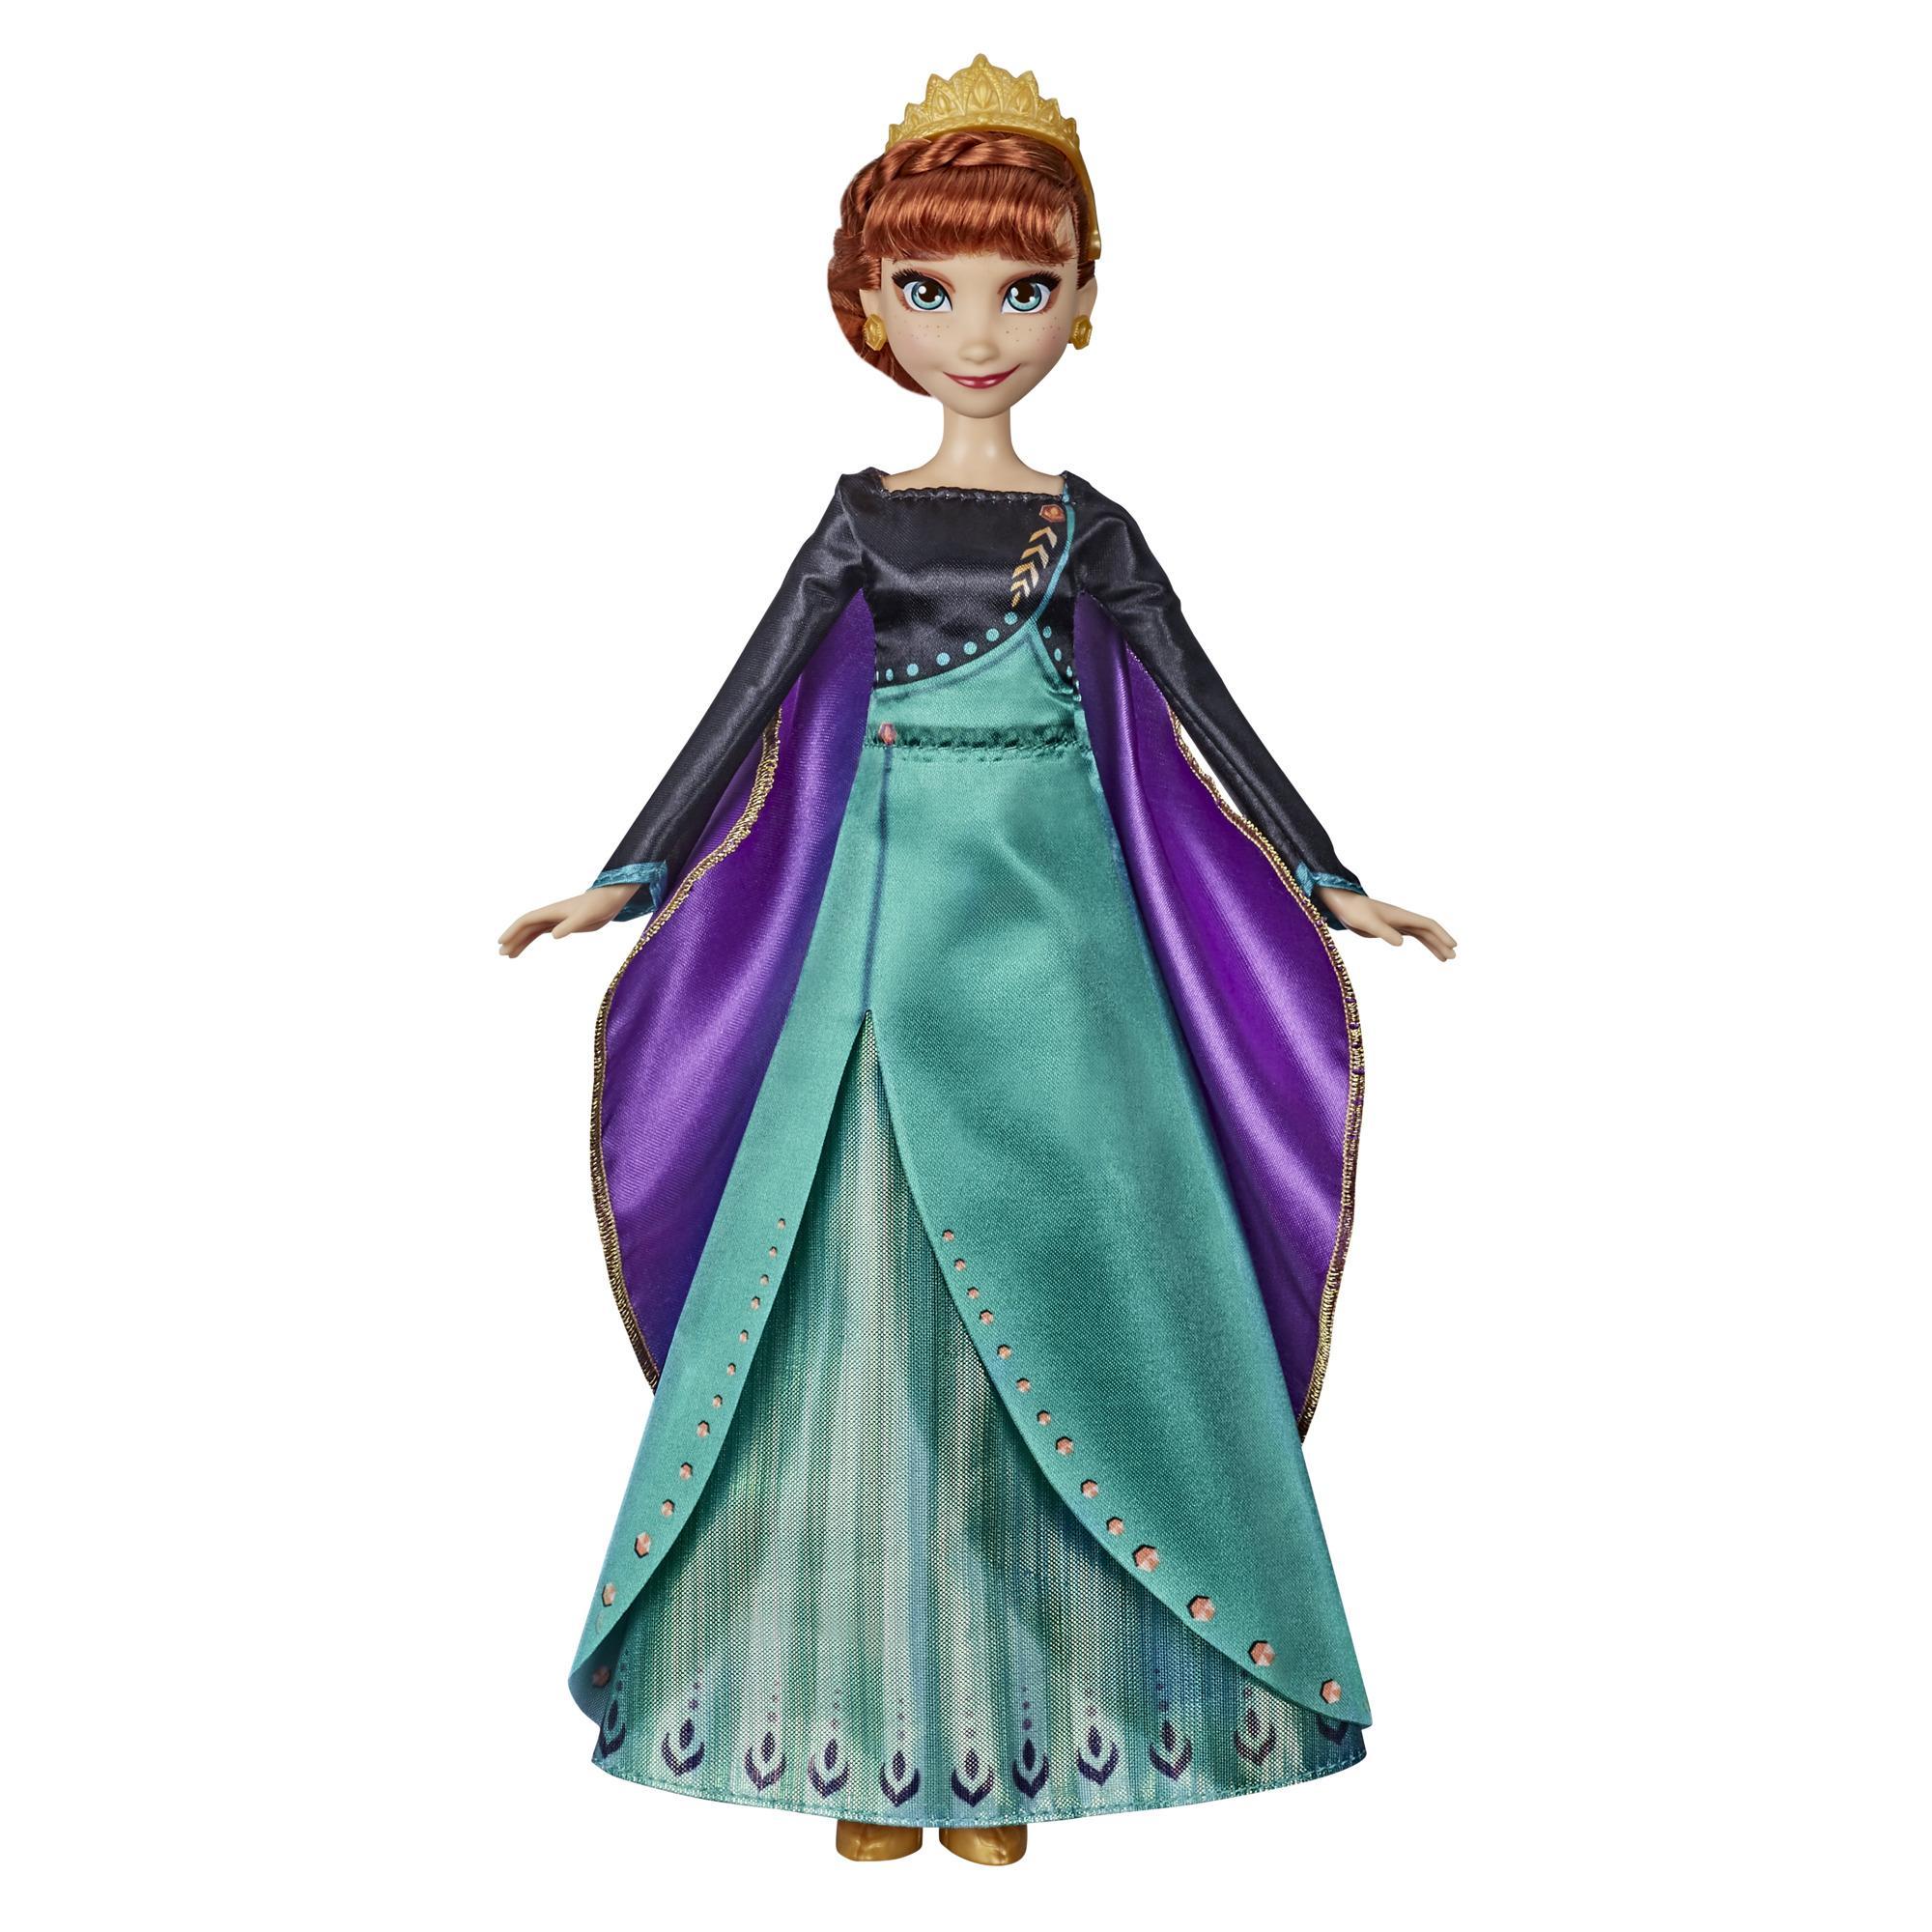 Disney Frost syngende musikkeventyrdukke Anna, synger «Some Things Never Change»-sangen fra Disney-filmen Frost 2